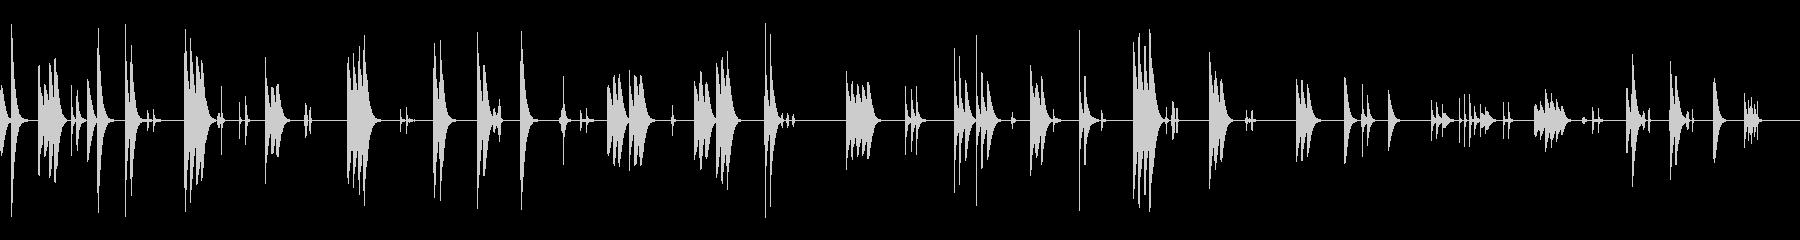 シンプルなゆったりした会話シーンの劇伴の未再生の波形